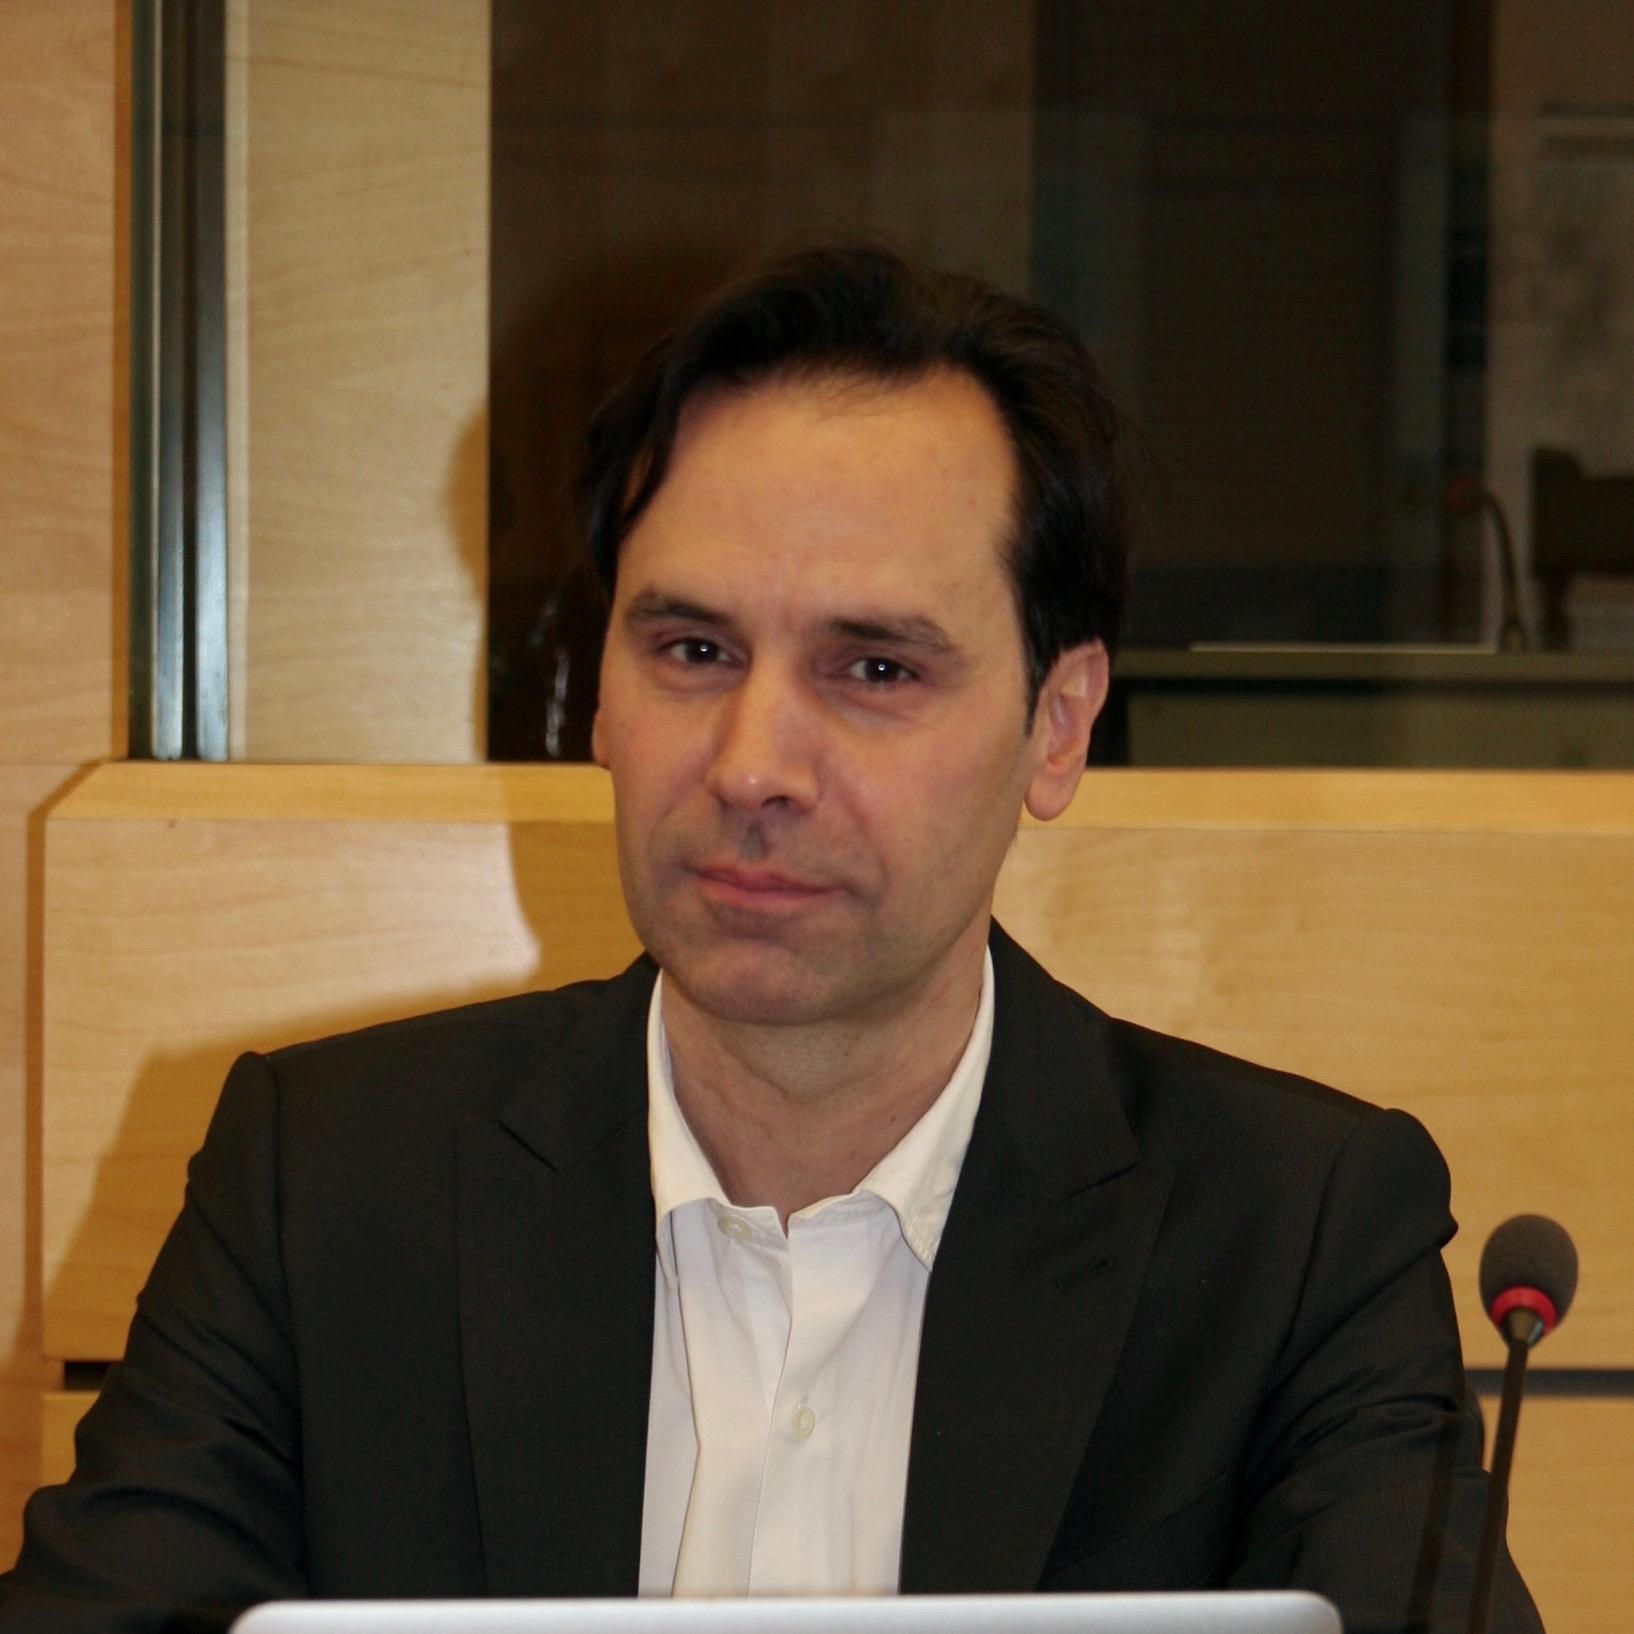 Mr. Olivier De FROUVILLE